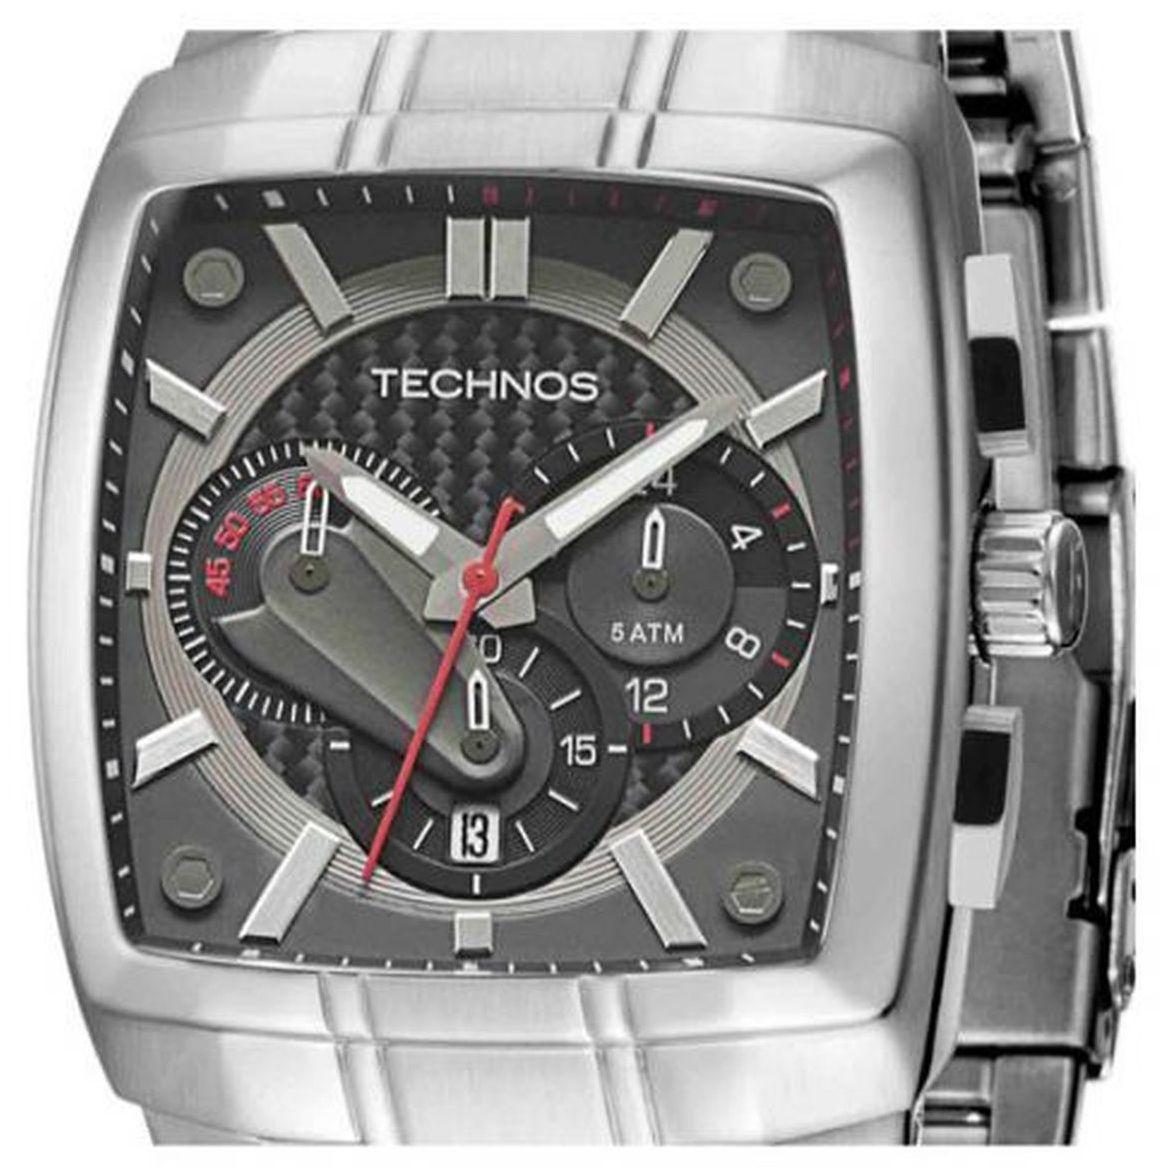 ded569cbd35 Relógio Technos Masculino Performance Os20hw 1l - Prata Produto não  disponível